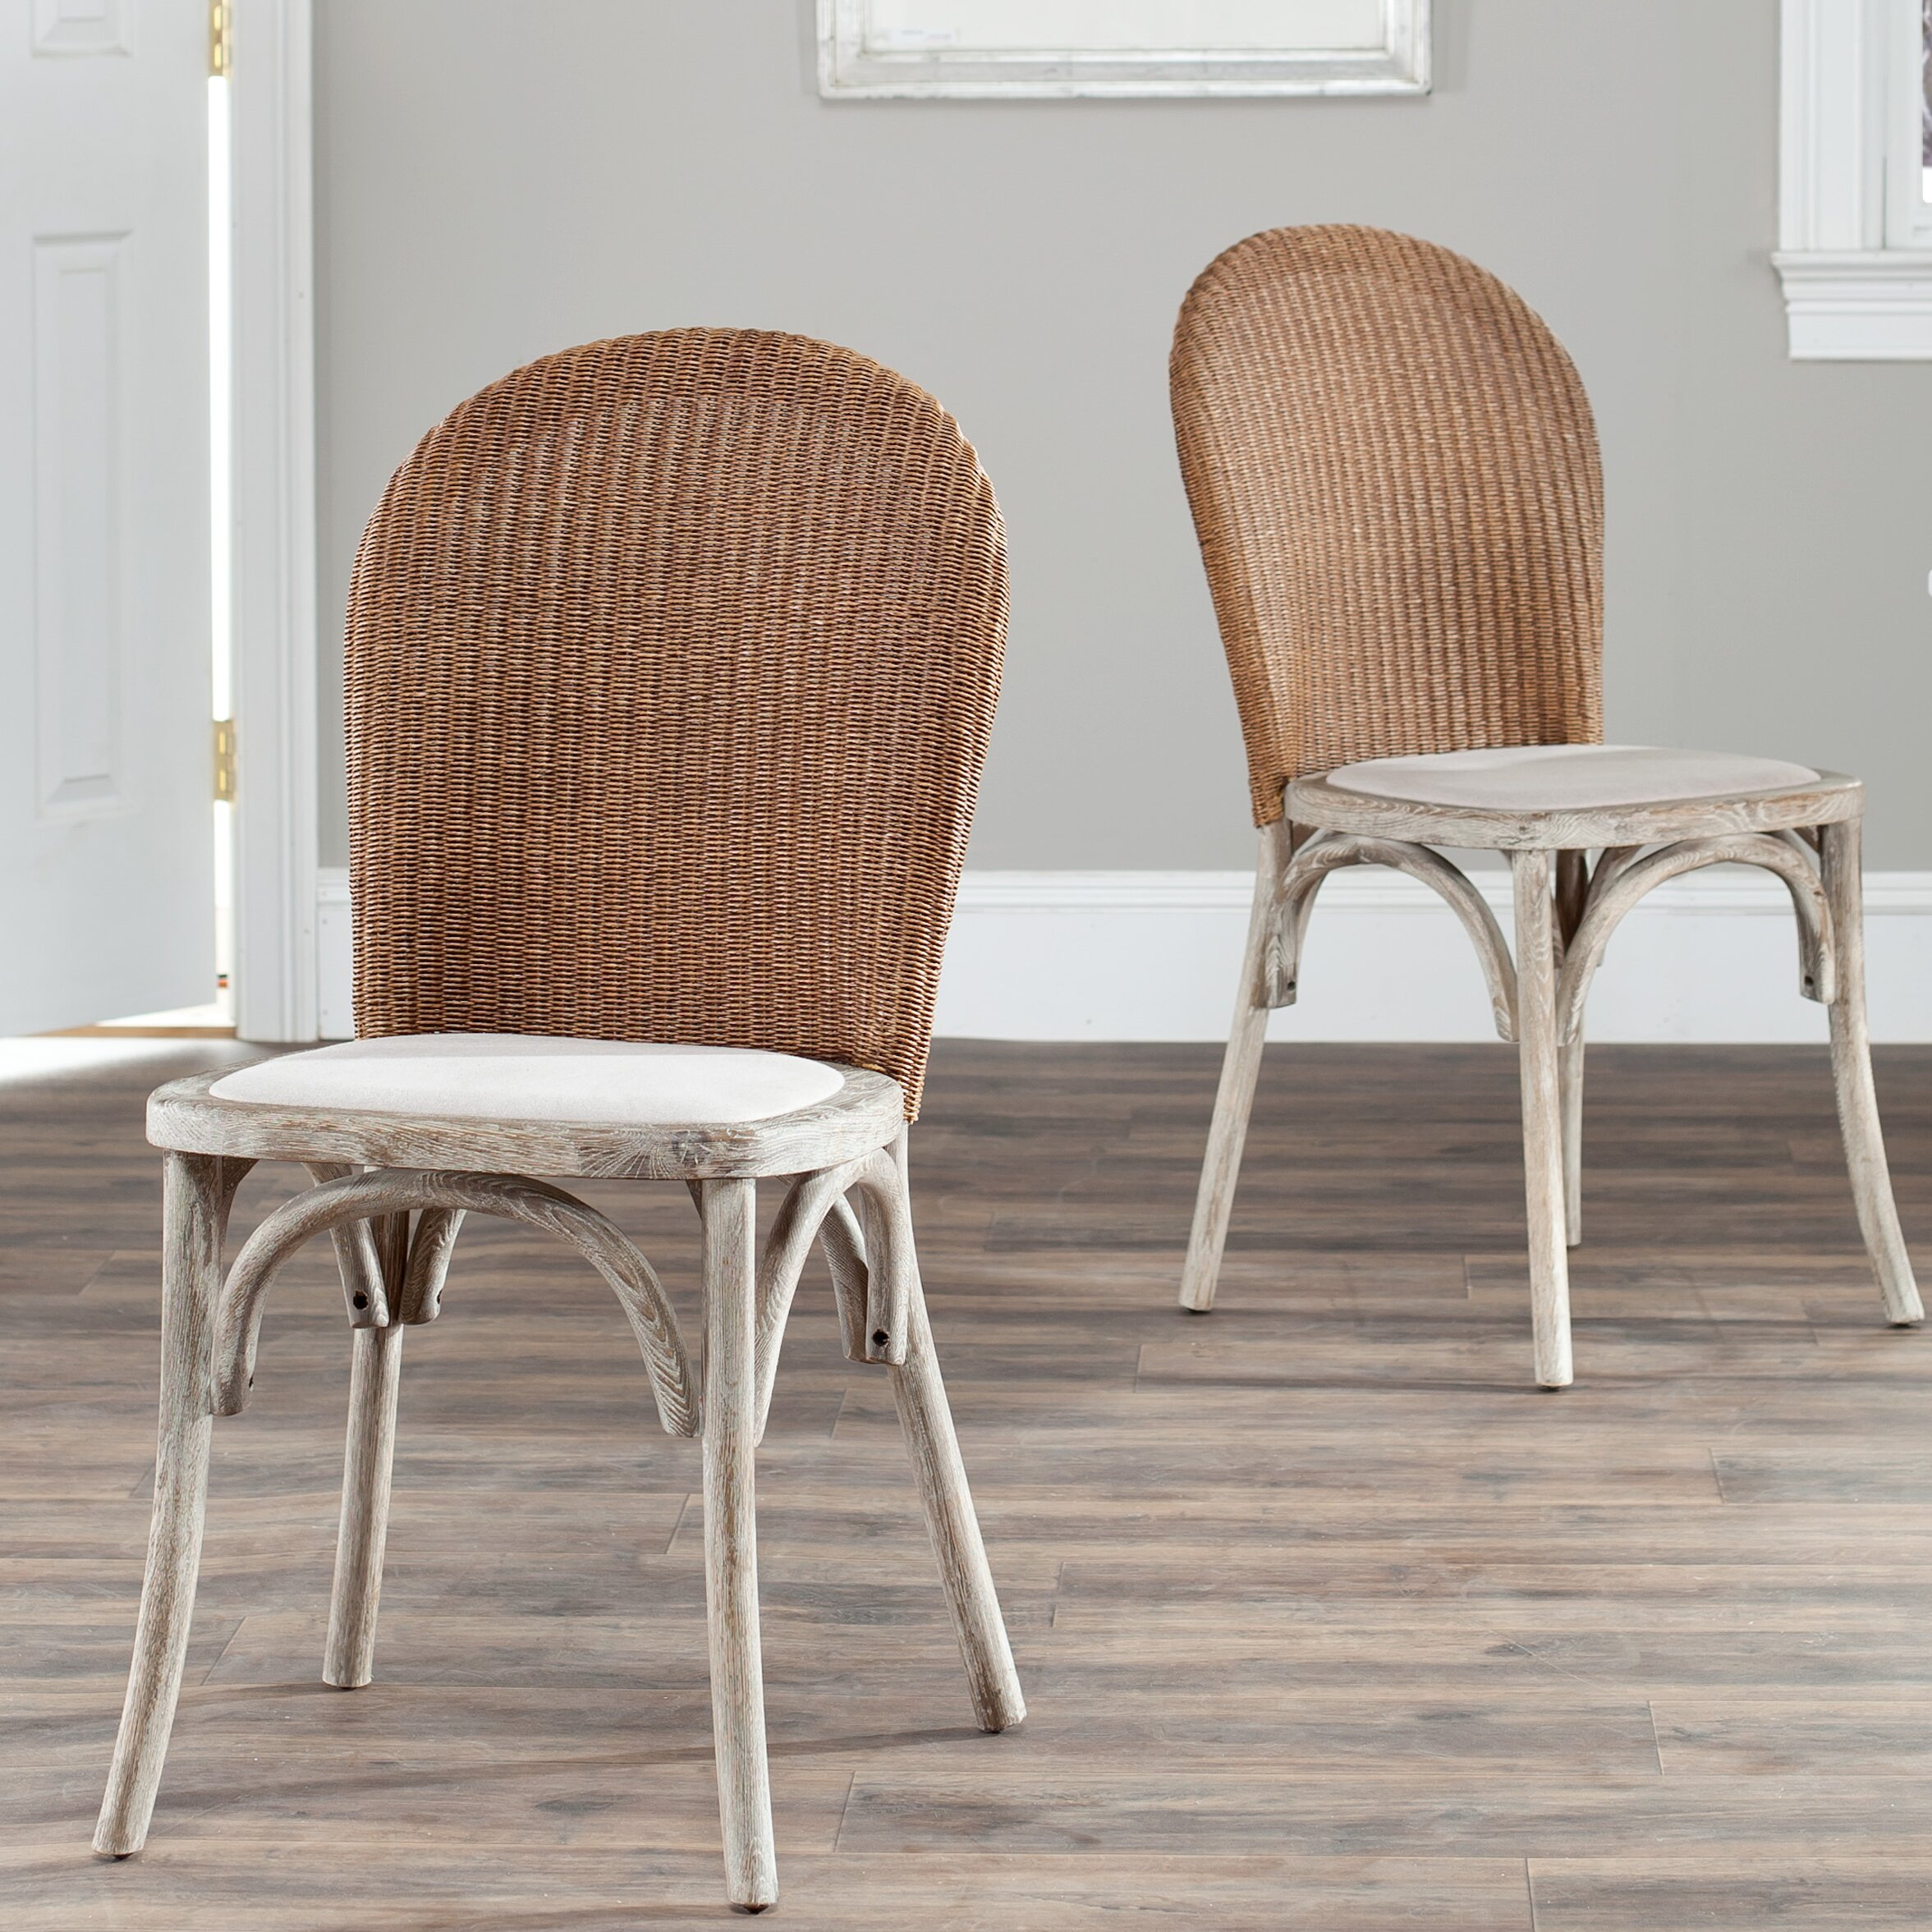 safavieh solid oak upholstered dining chair wayfair uk. Black Bedroom Furniture Sets. Home Design Ideas